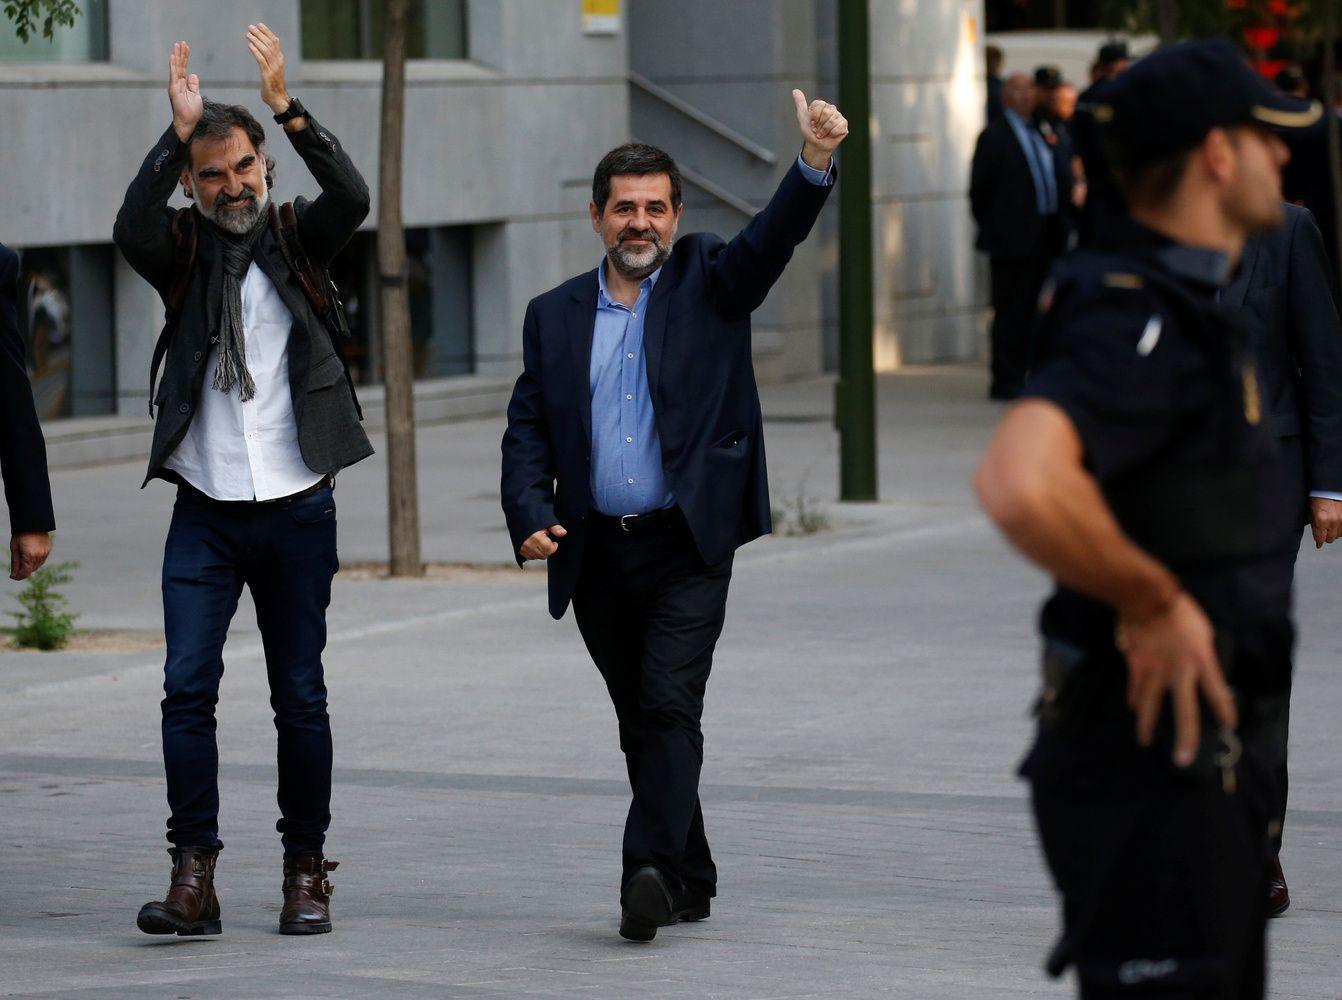 Įkalinti du Katalonijos nepriklausomybės siekiančių organizacijų lyderiai